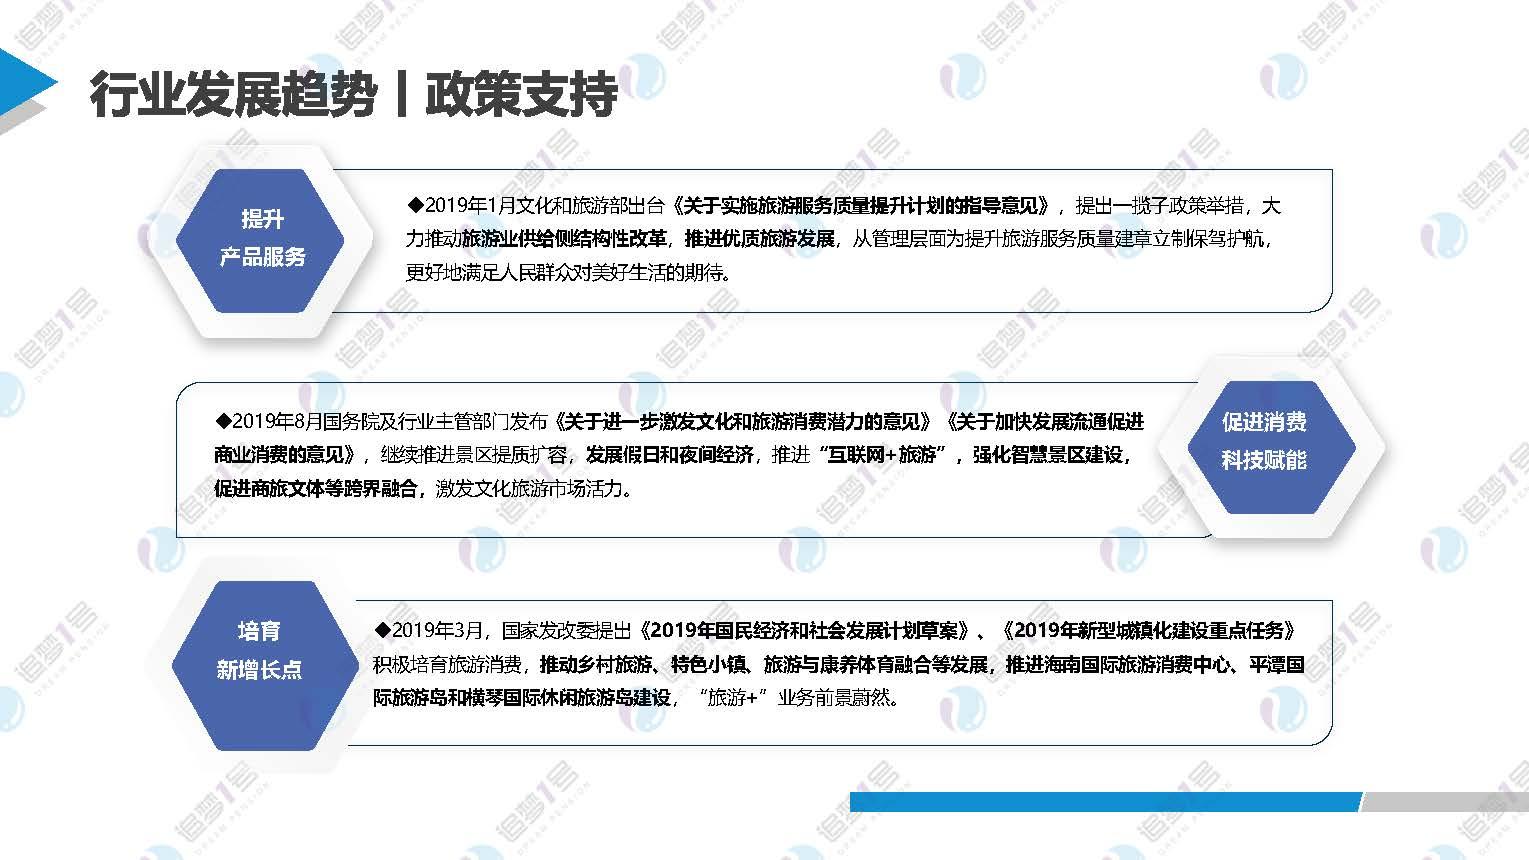 中国旅游行业研究 _页面_06.jpg